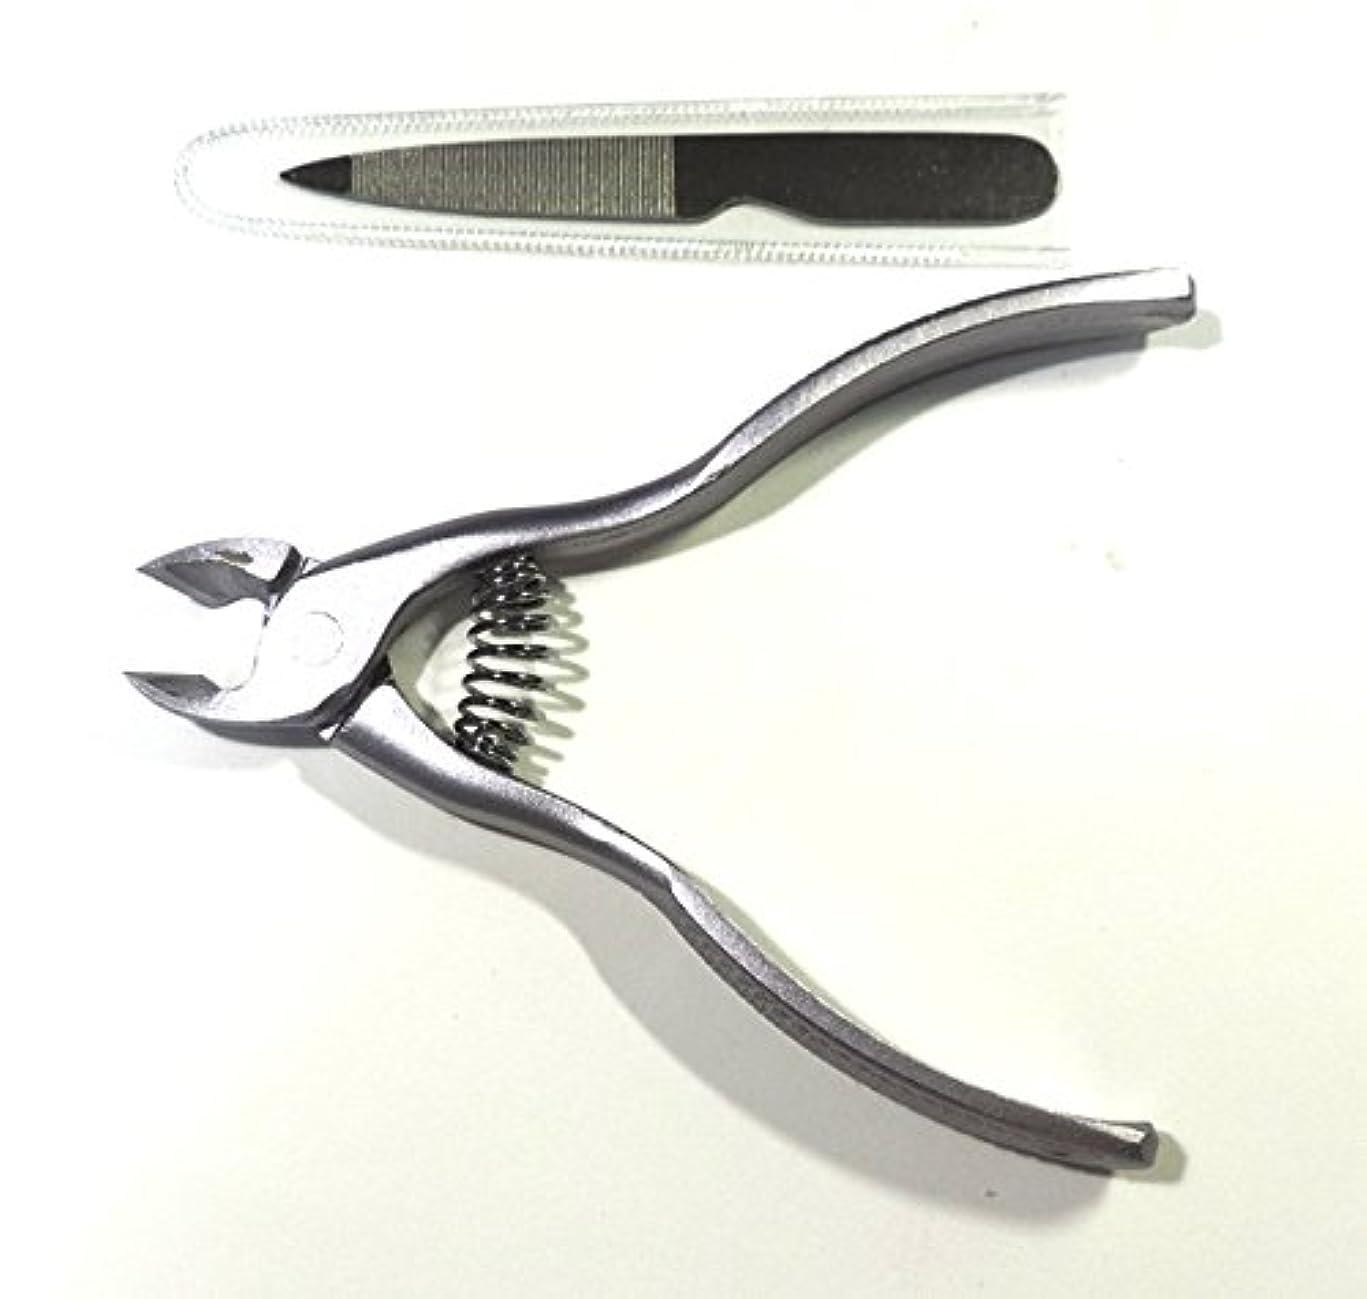 日本製 ネイルカッター爪美人 可憐 シルバー色 足手すべて用